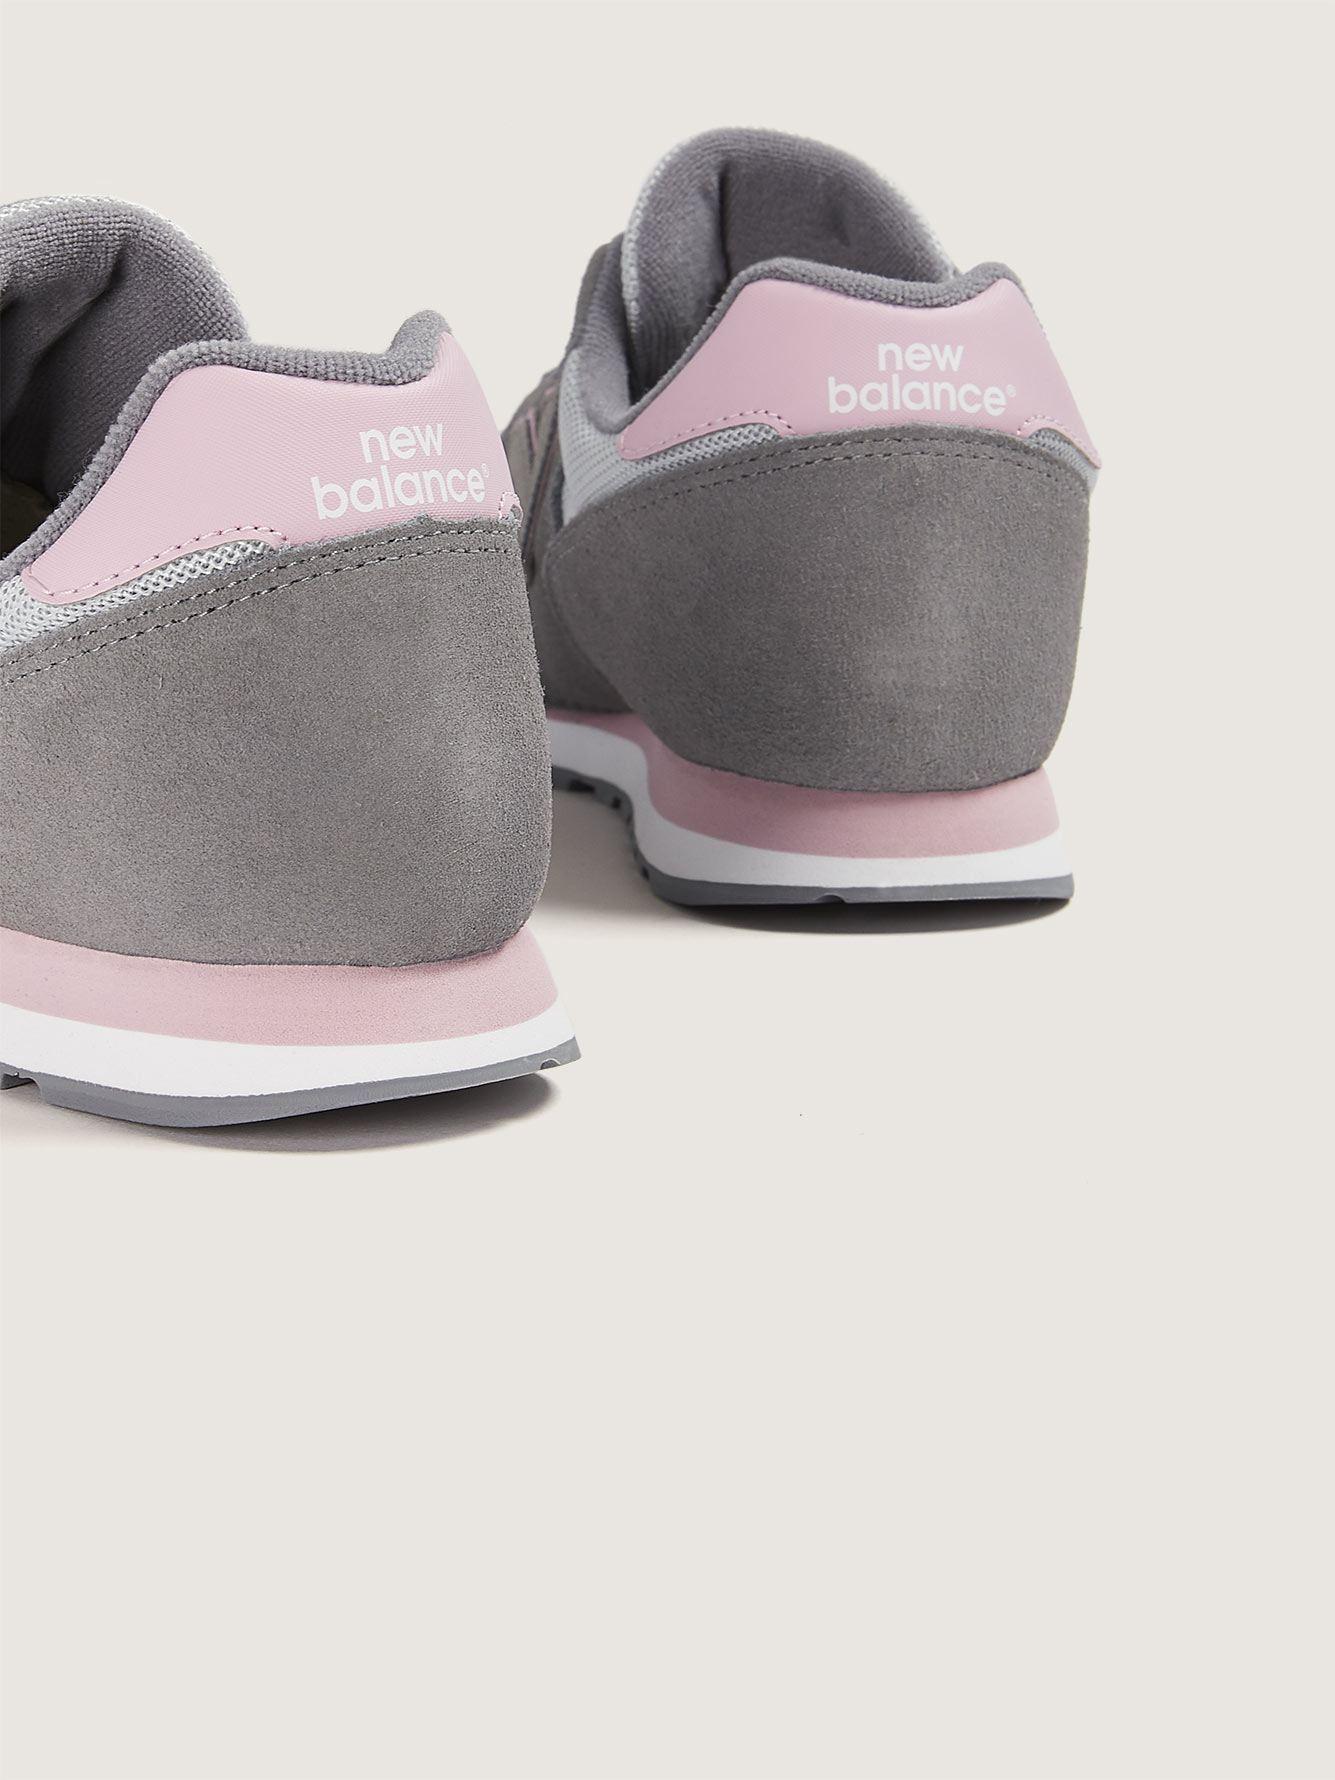 Nouveau tableau de chaussures large balance